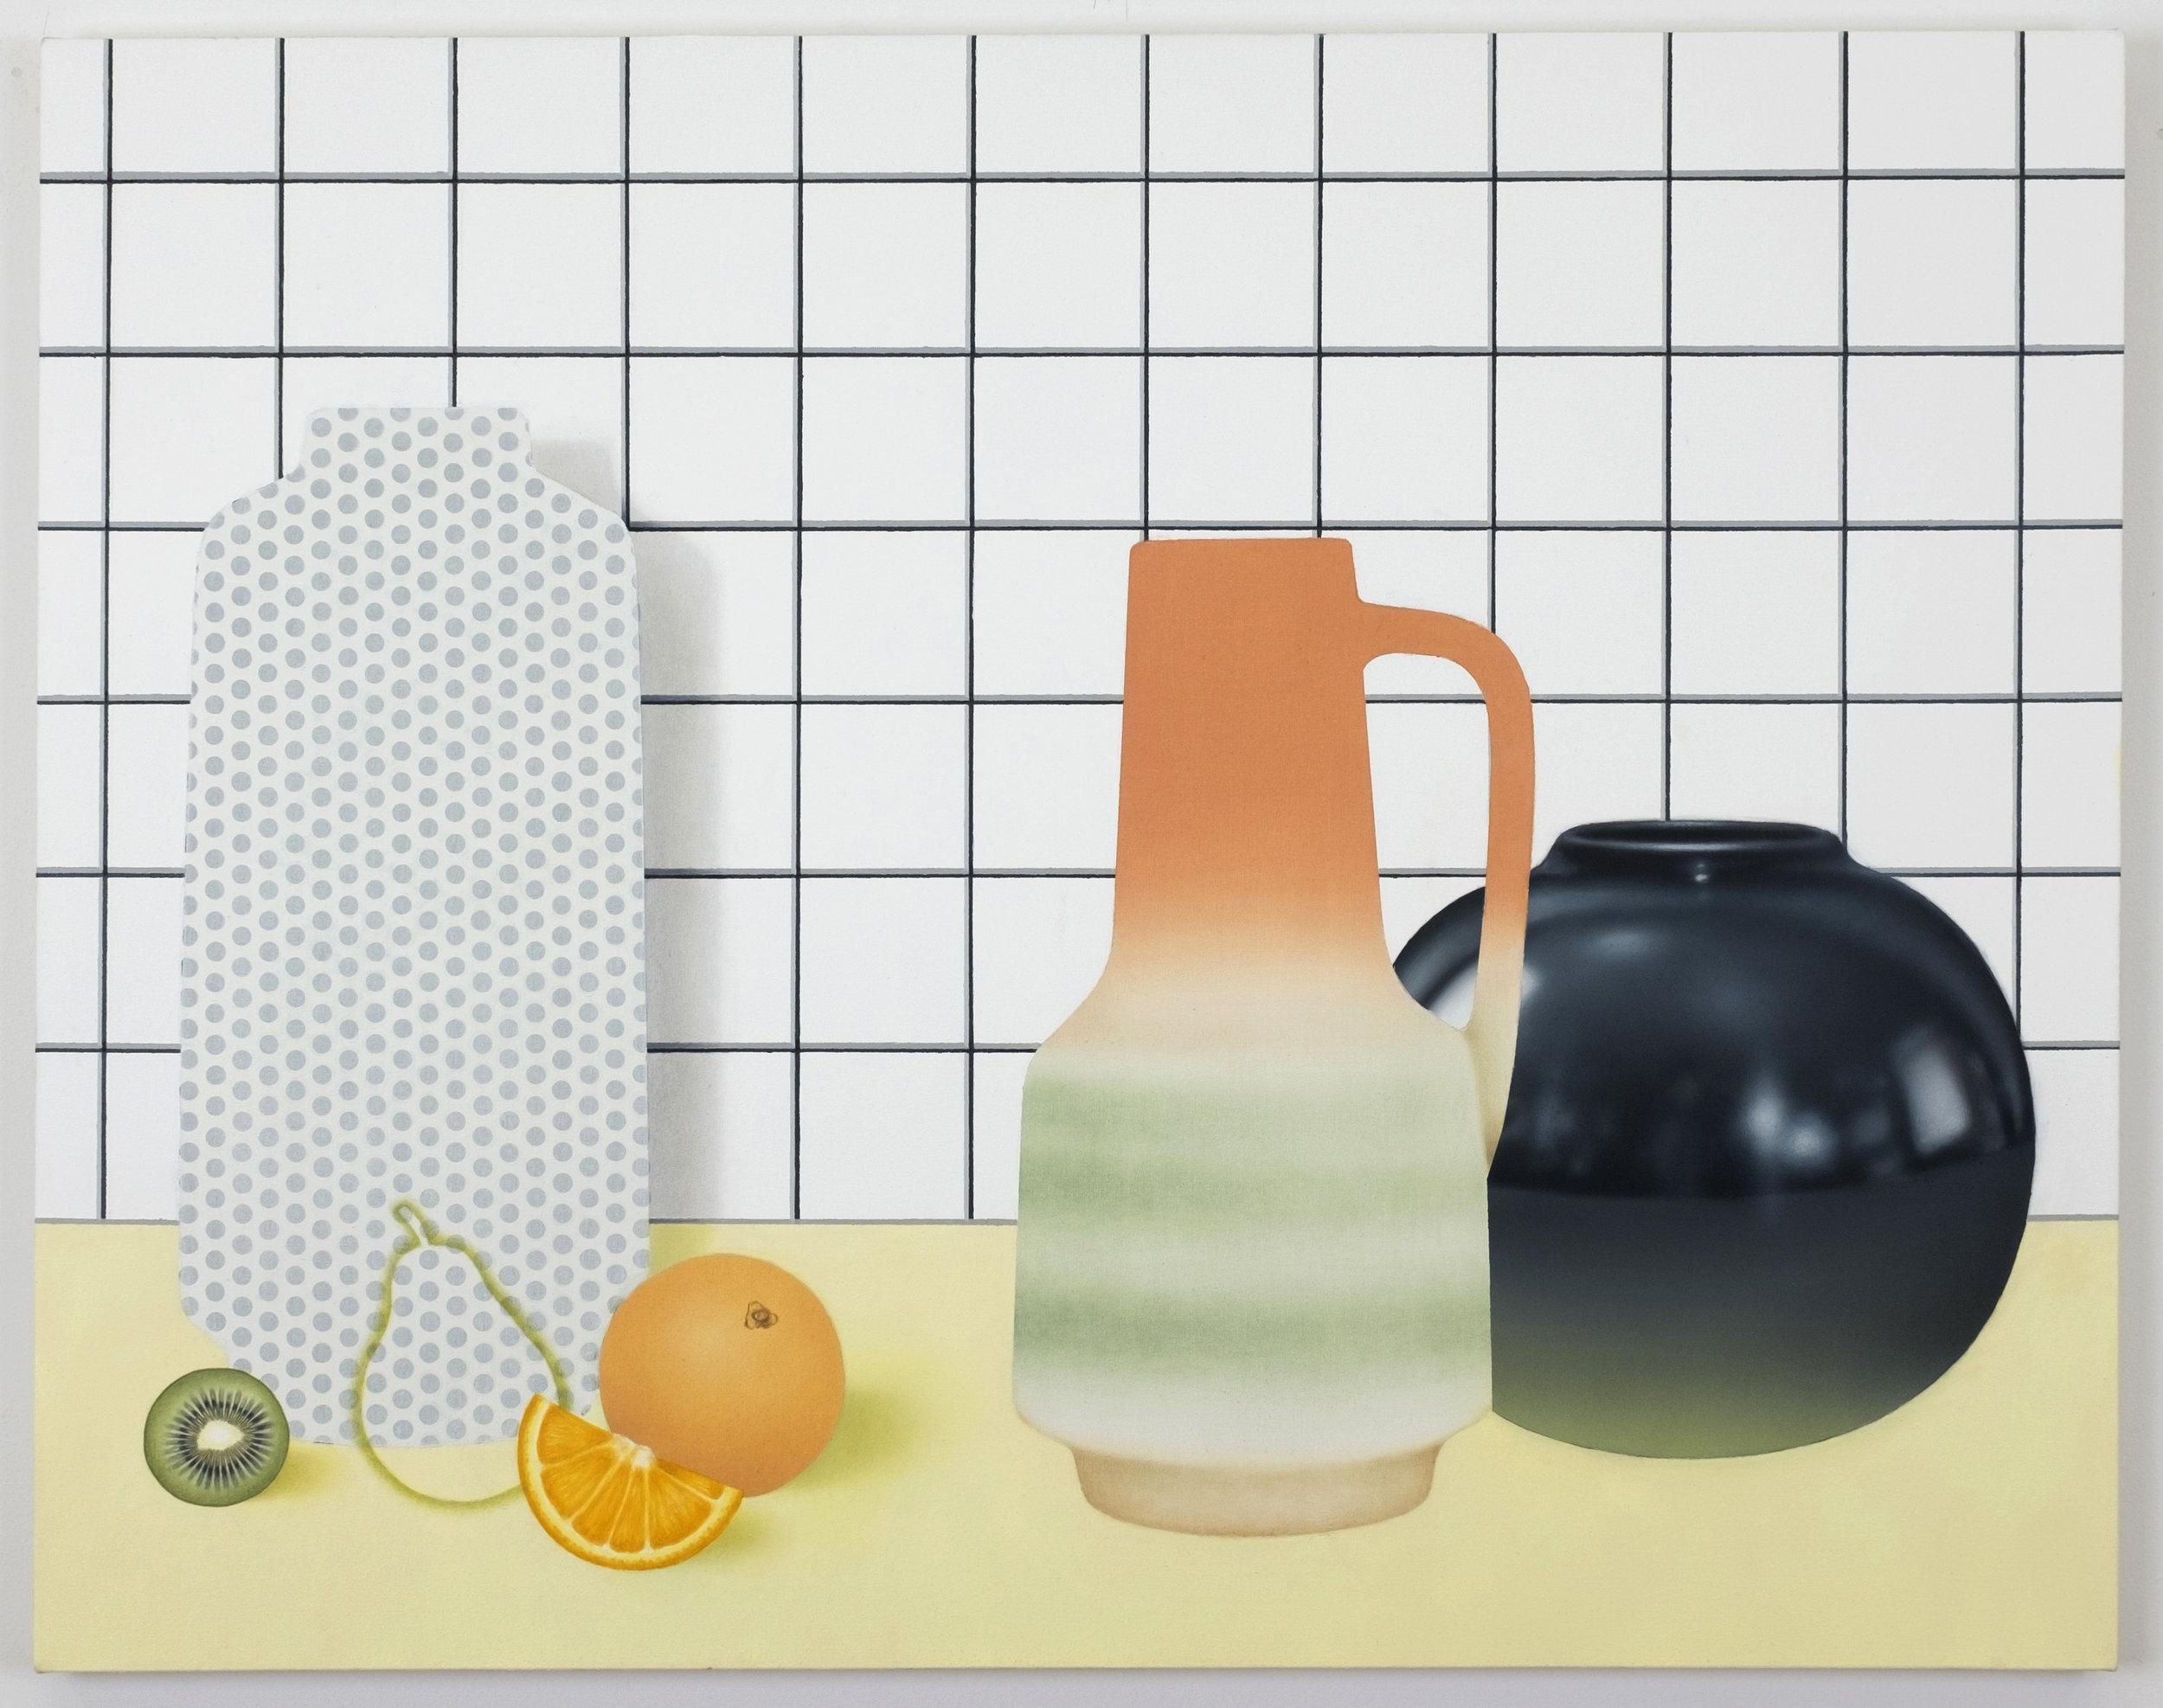 """An Orange, A Kiwi   Oil and acrylic on canvas  33""""x42"""""""